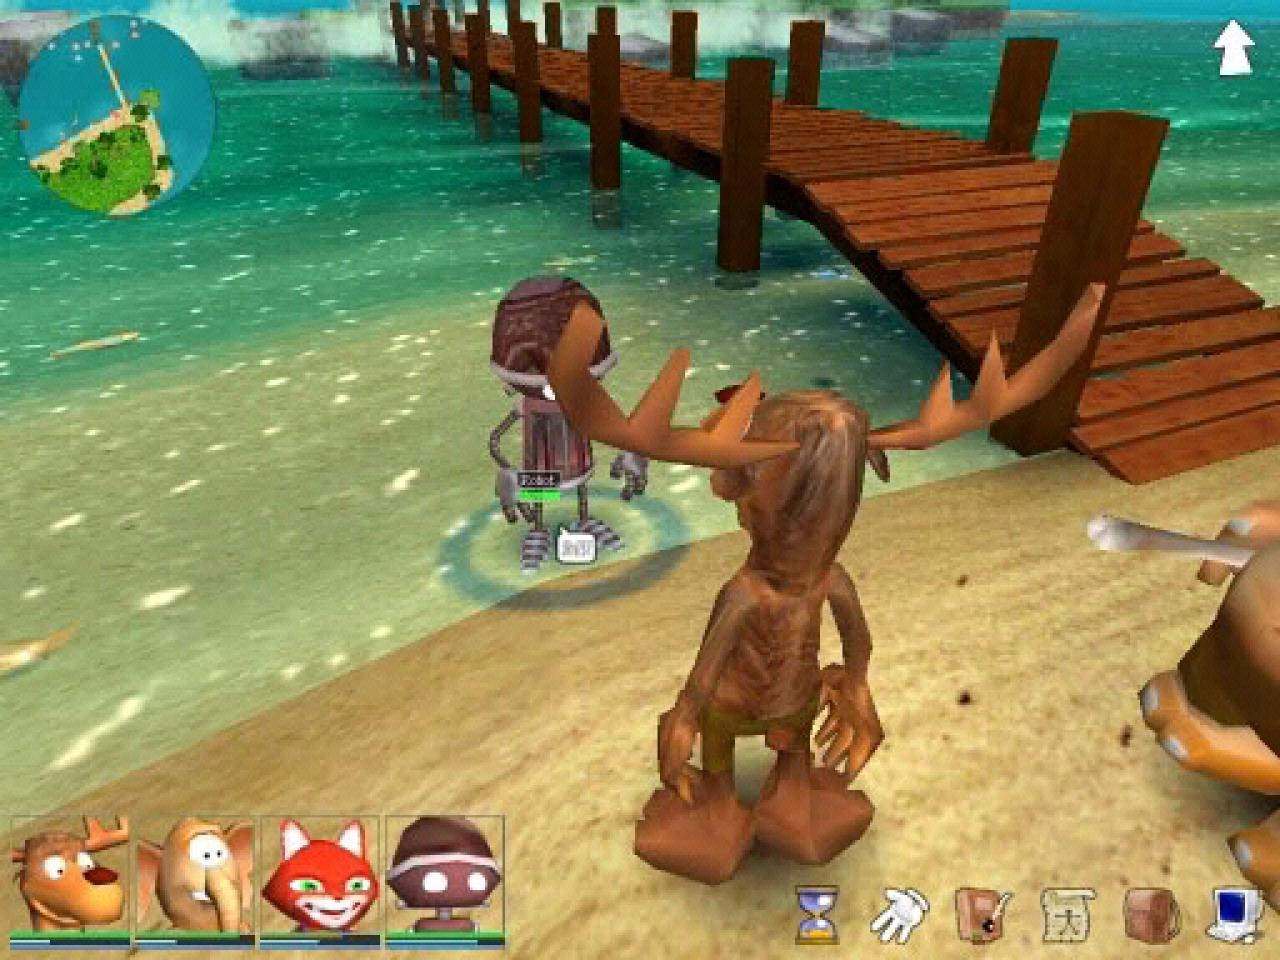 И С Кряком Возвращение На Таинственный Остров 2